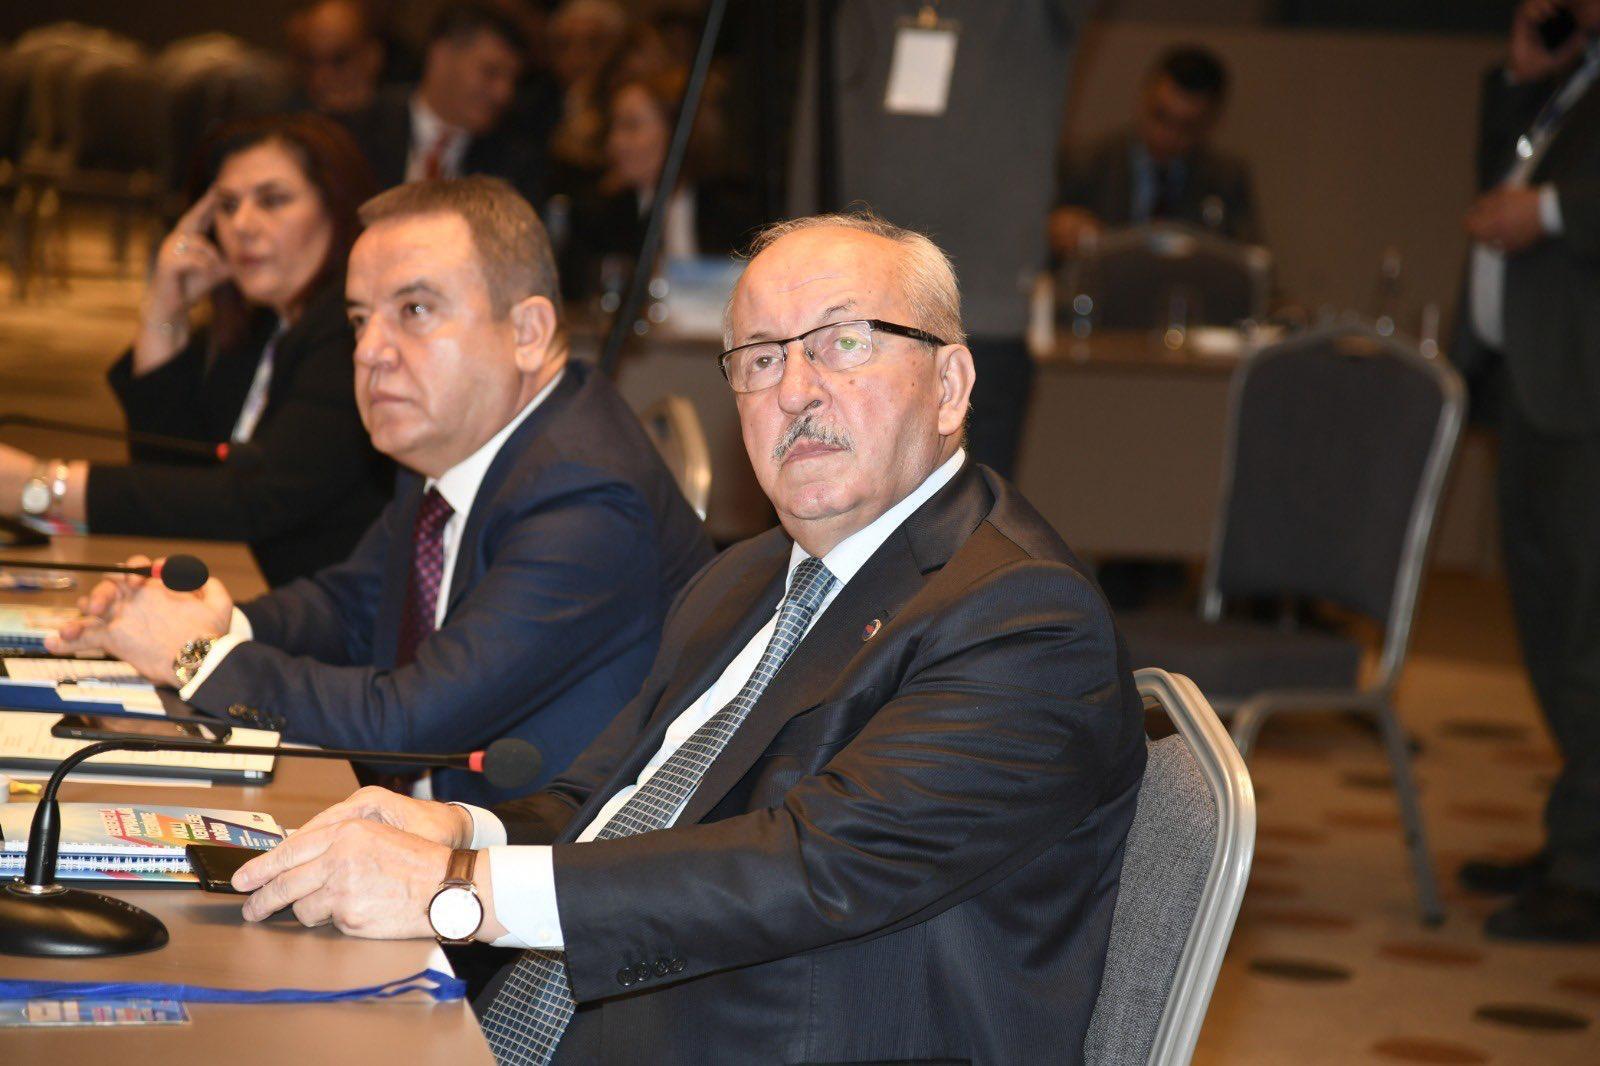 Büyükşehir Belediye Başkanları Çalıştayına katıldı